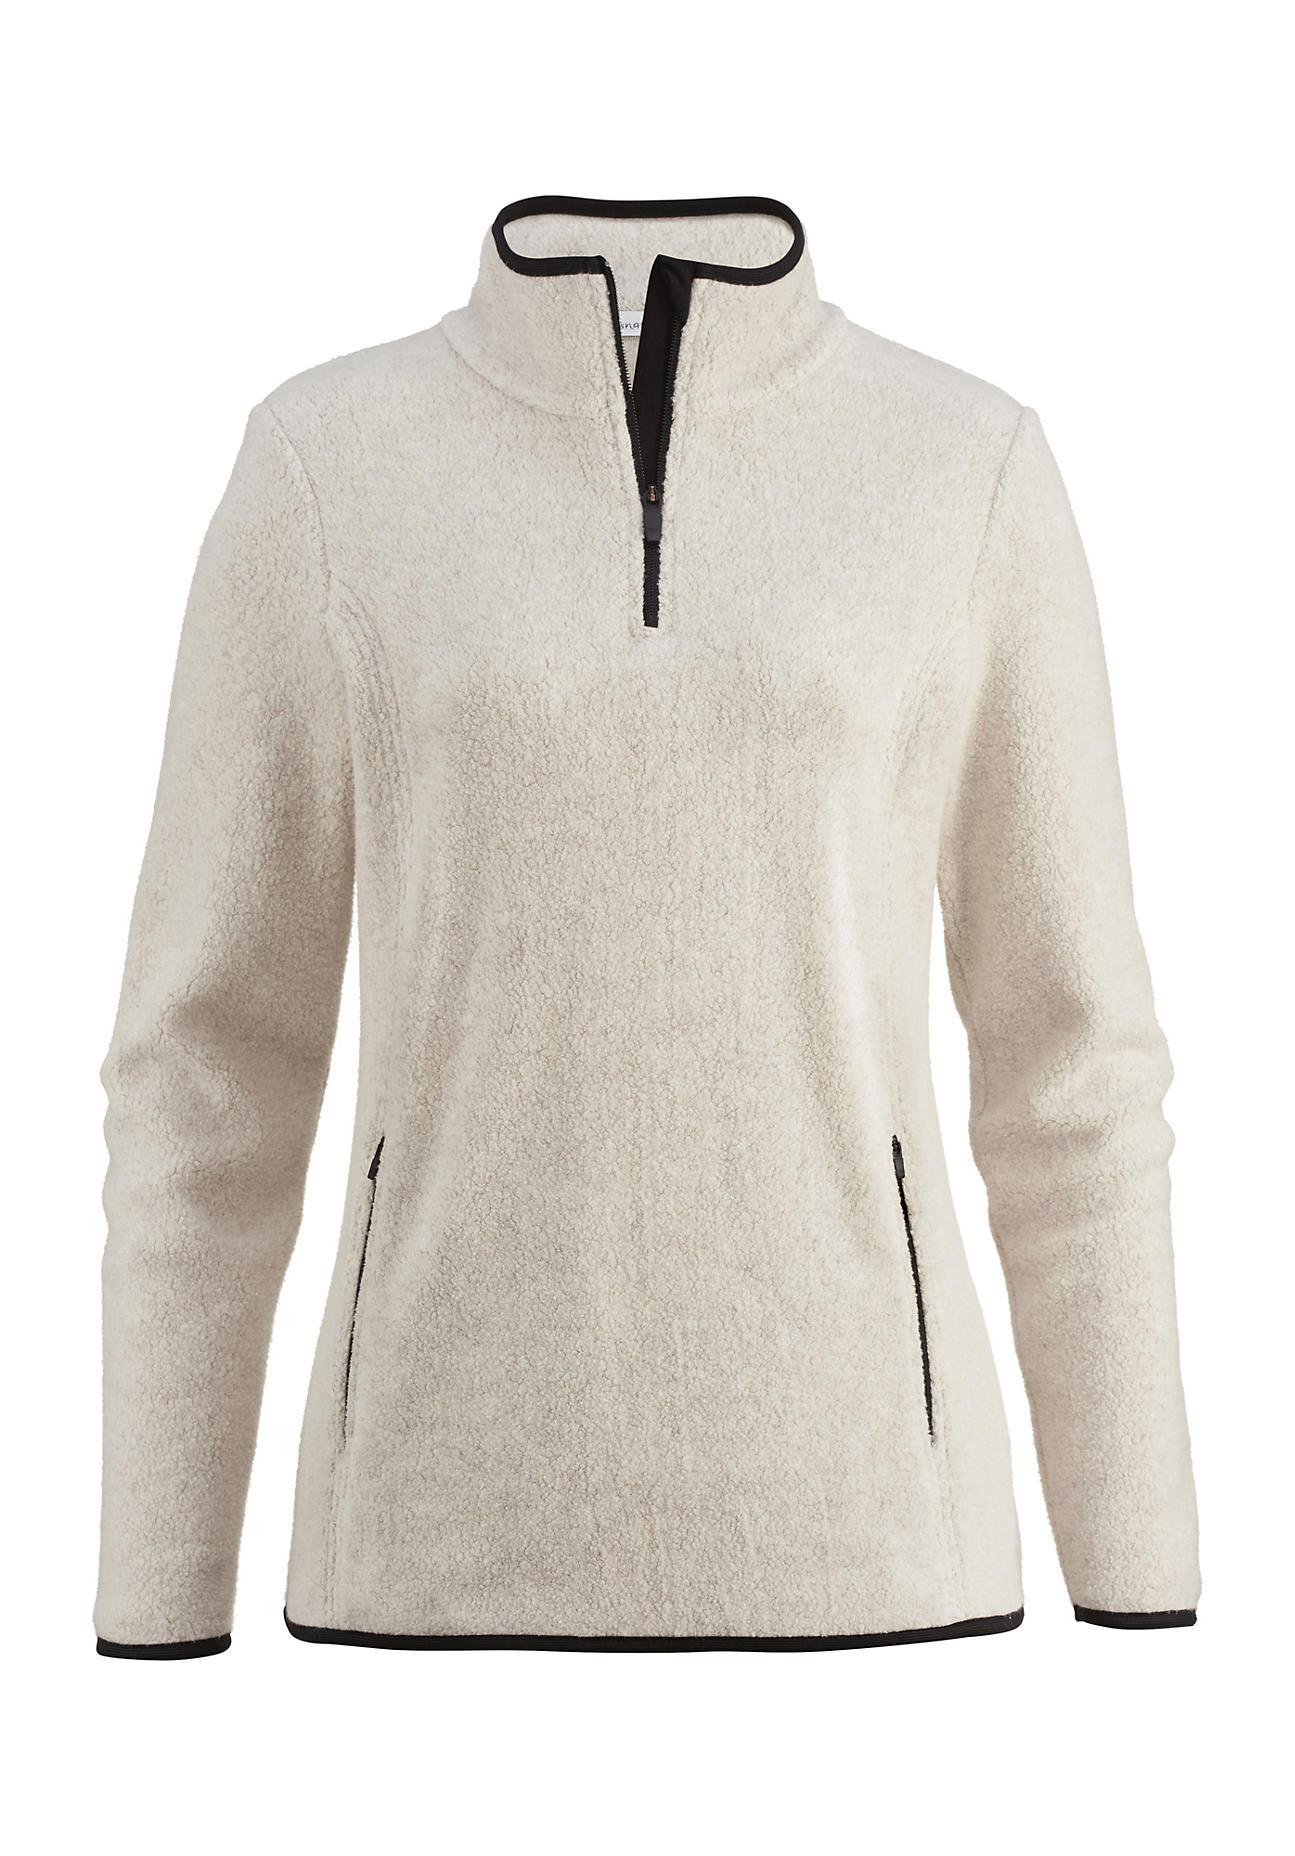 hessnatur Outdoor Damen Fleece-Troyer aus Bio-Baumwolle – beige – Größe 34   Bekleidung > Pullover > Troyer   Düne   Baumwolle - Fleece   hessnatur